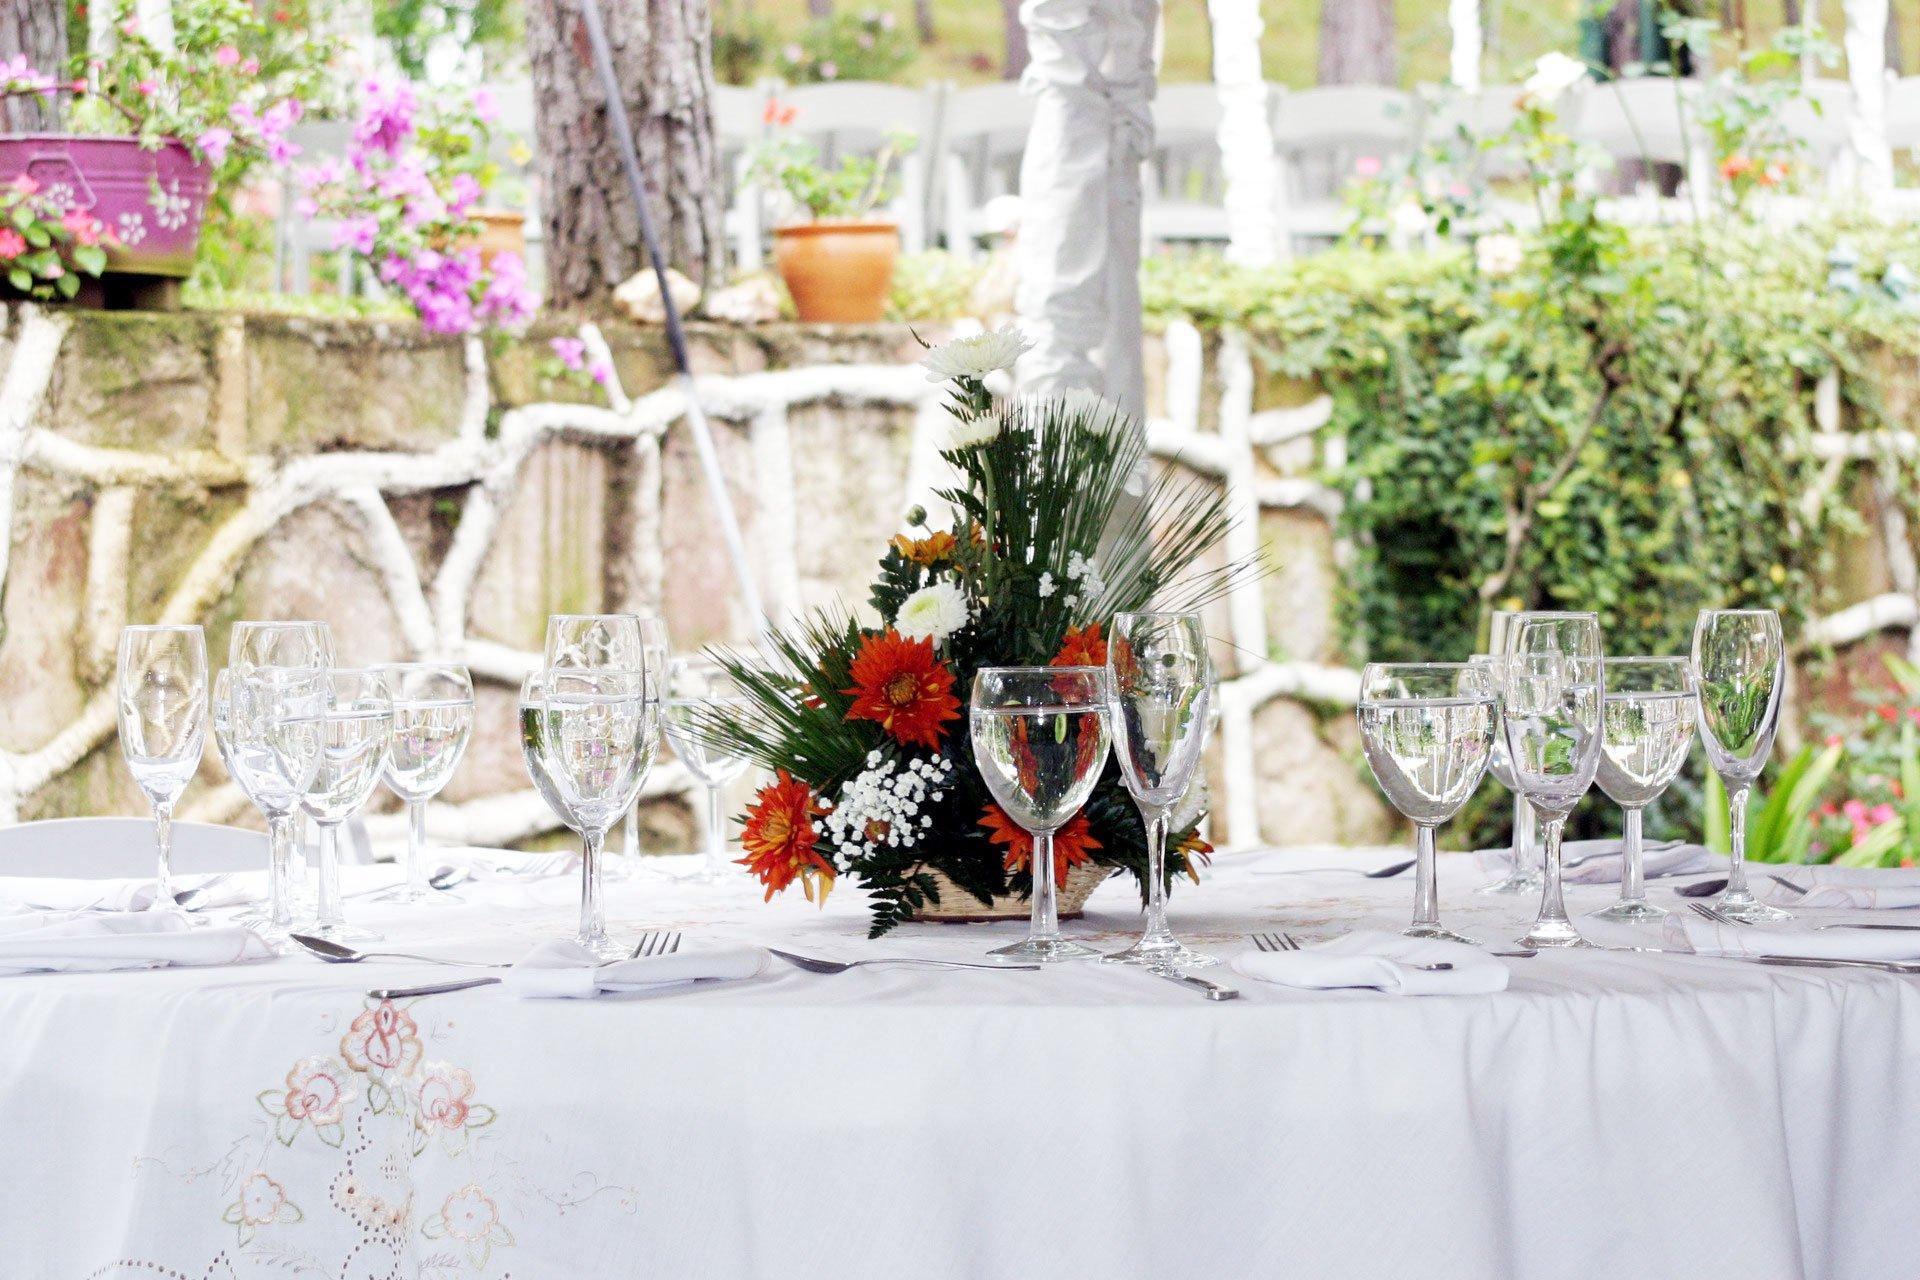 casamento-simples-decoracao